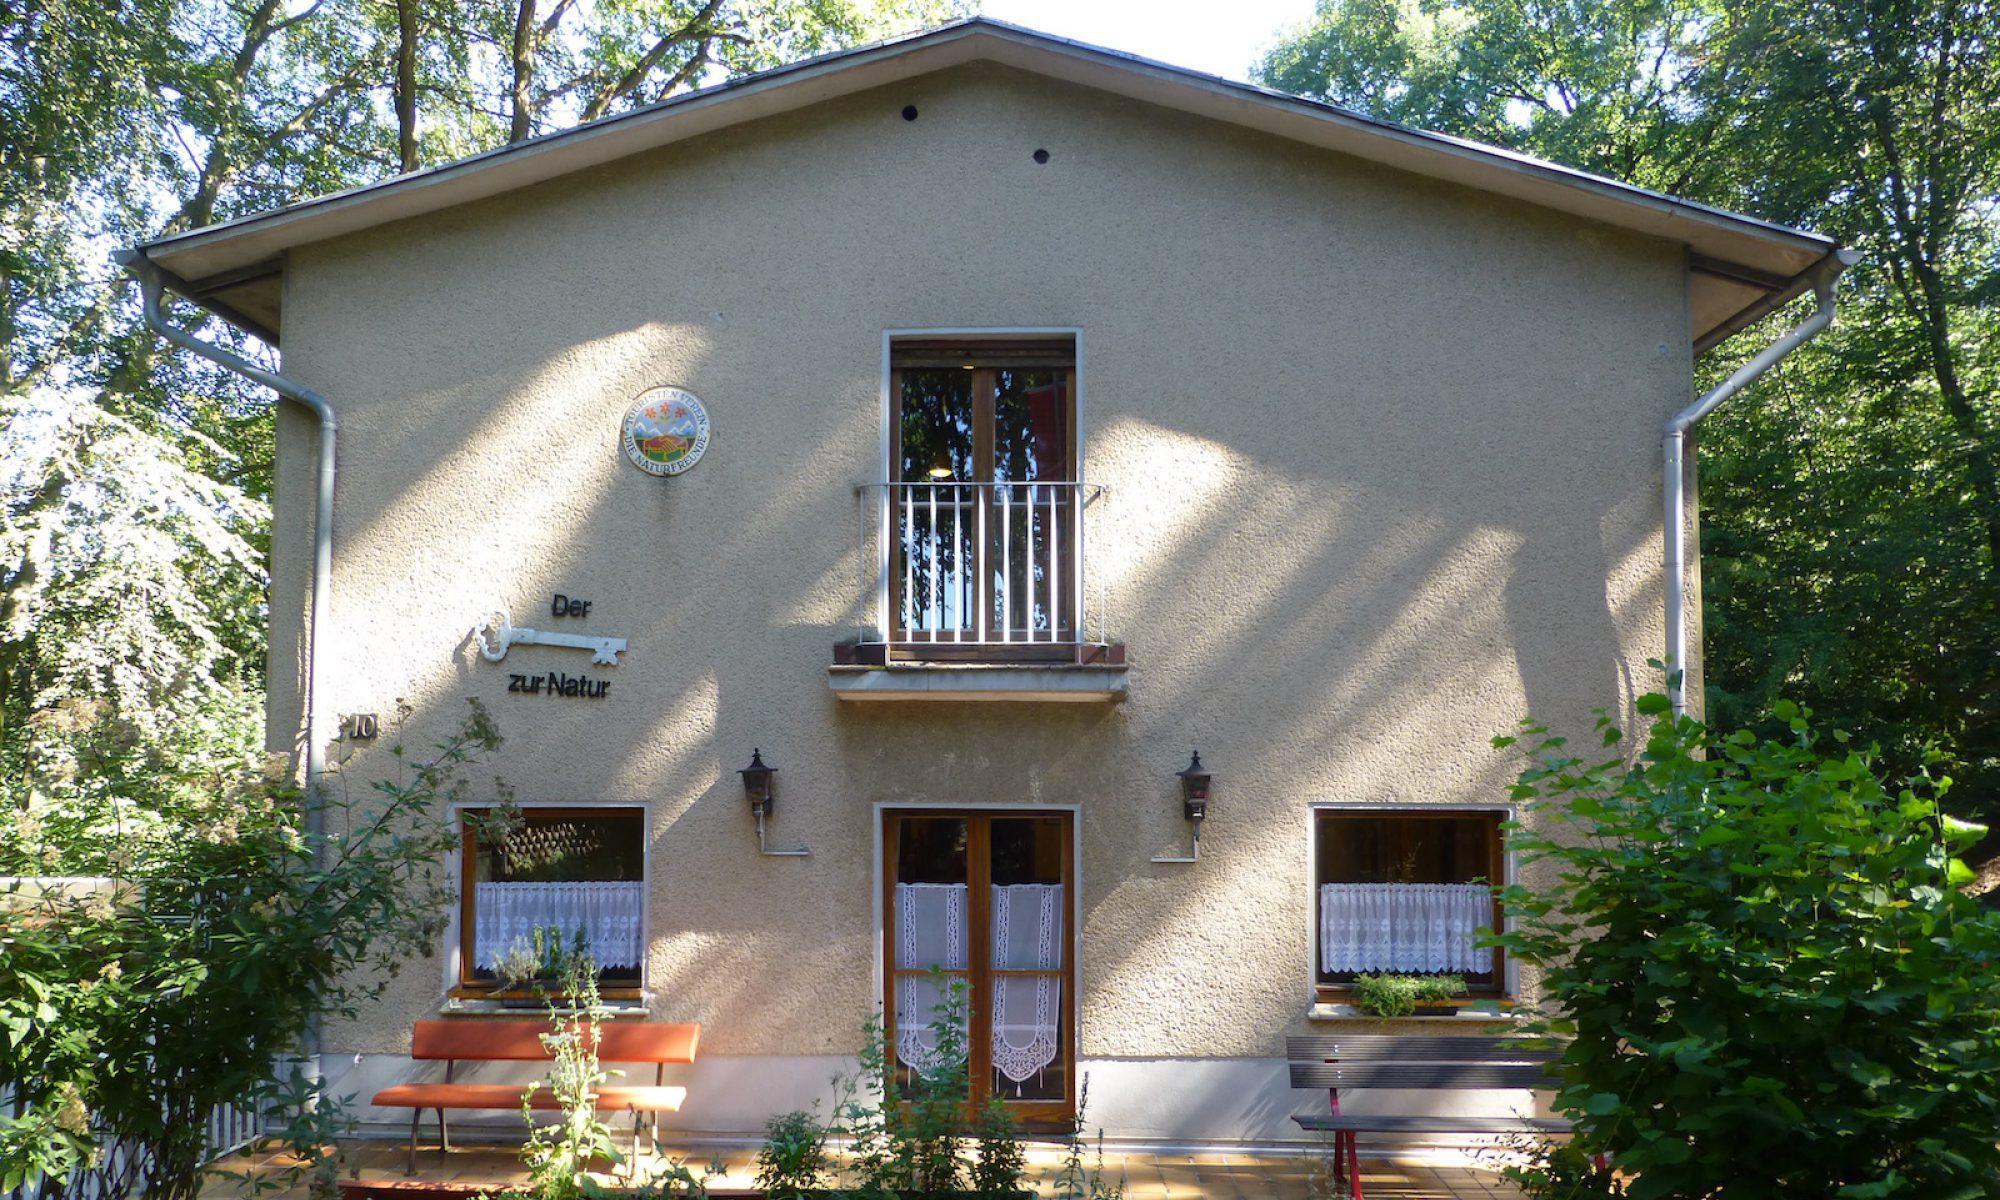 NaturFreundehaus Neuenkamp